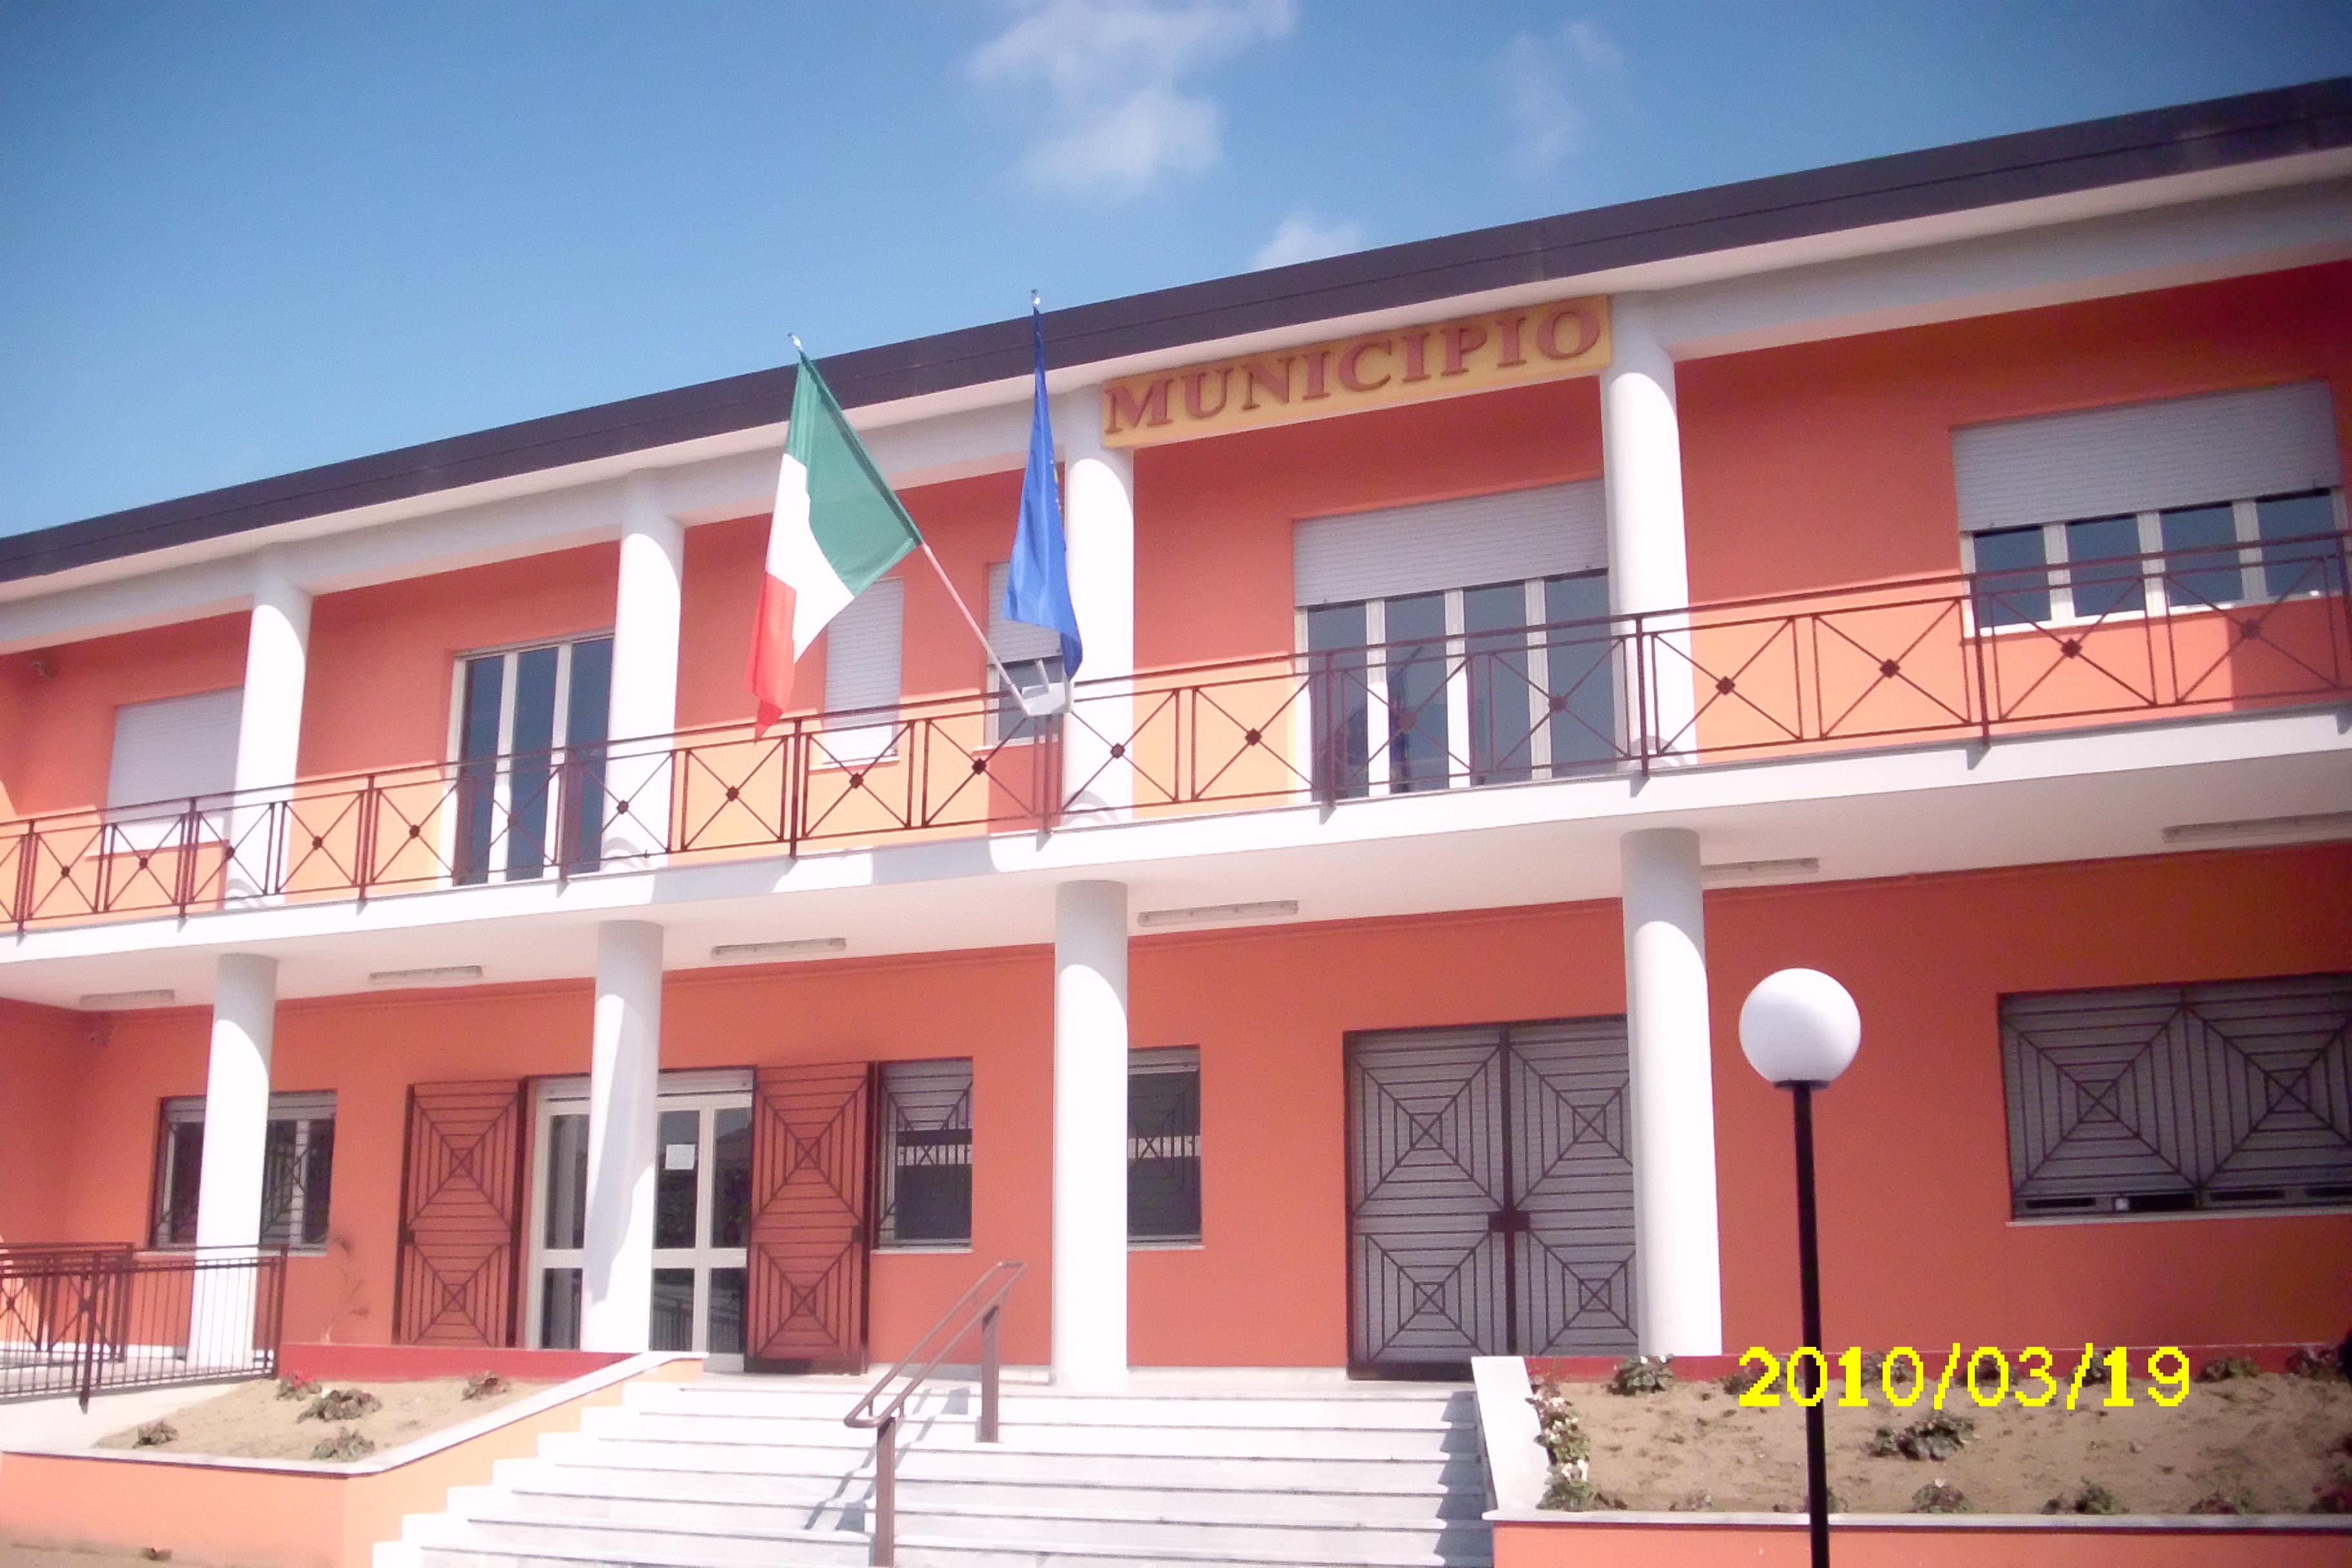 Grazzanise Municipio